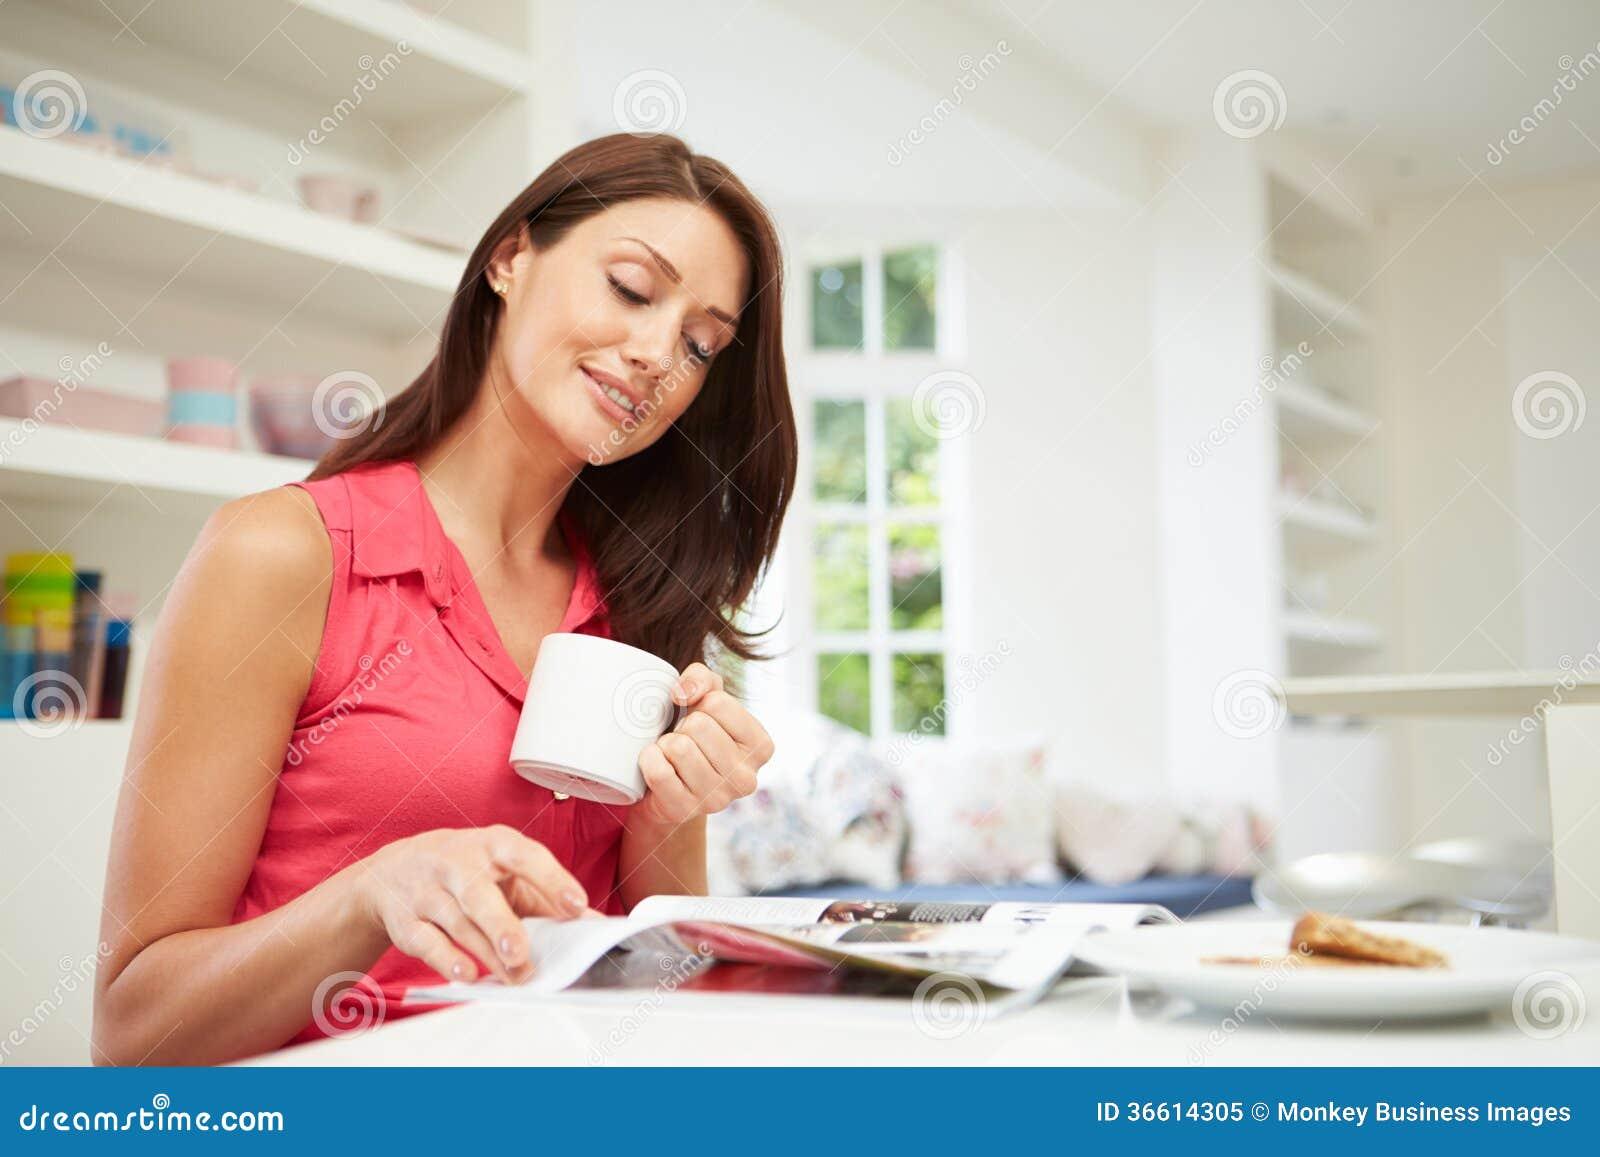 Испанская кассета чтения женщины в кухне